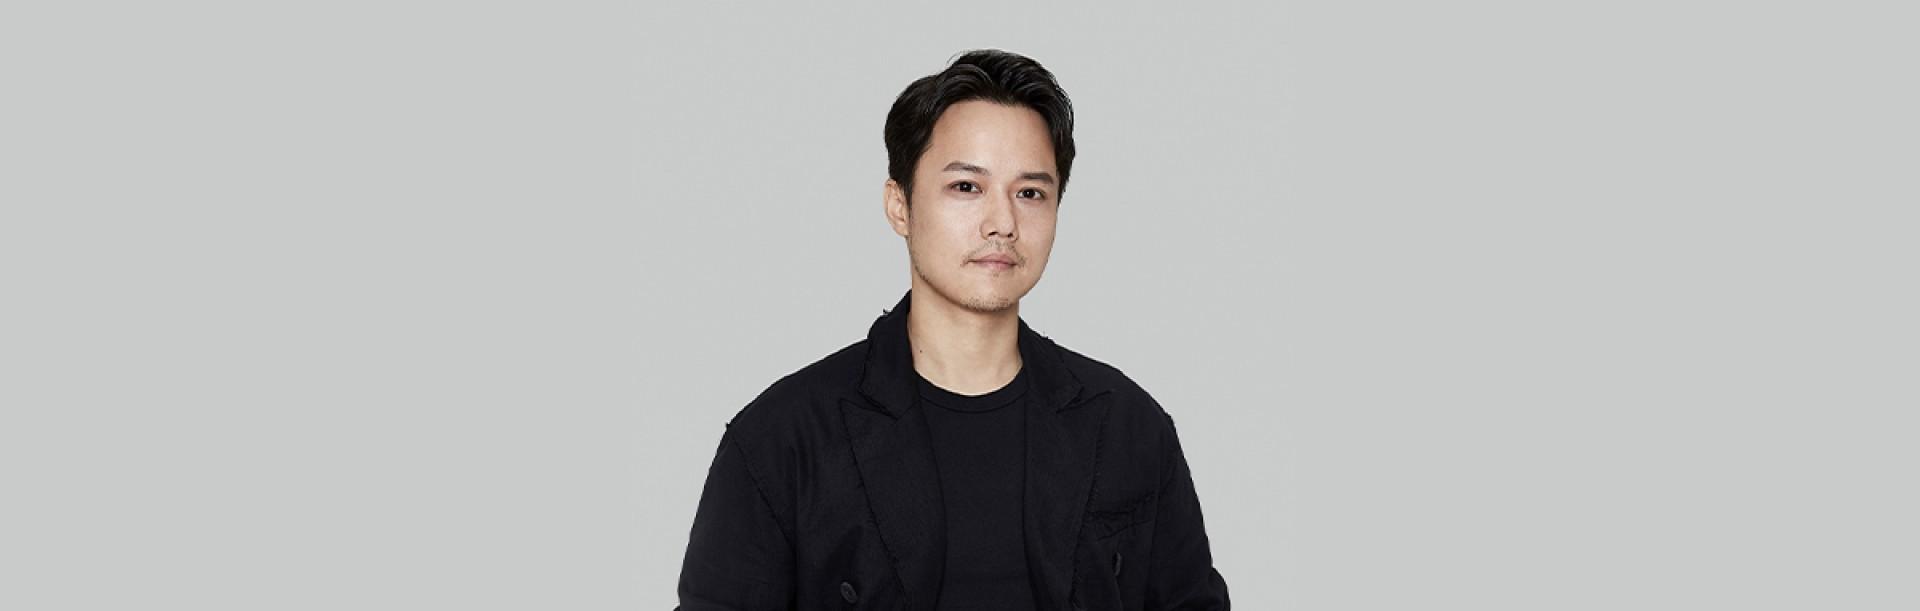 Youngi | 独家专访广州 x 立品设计郑铮